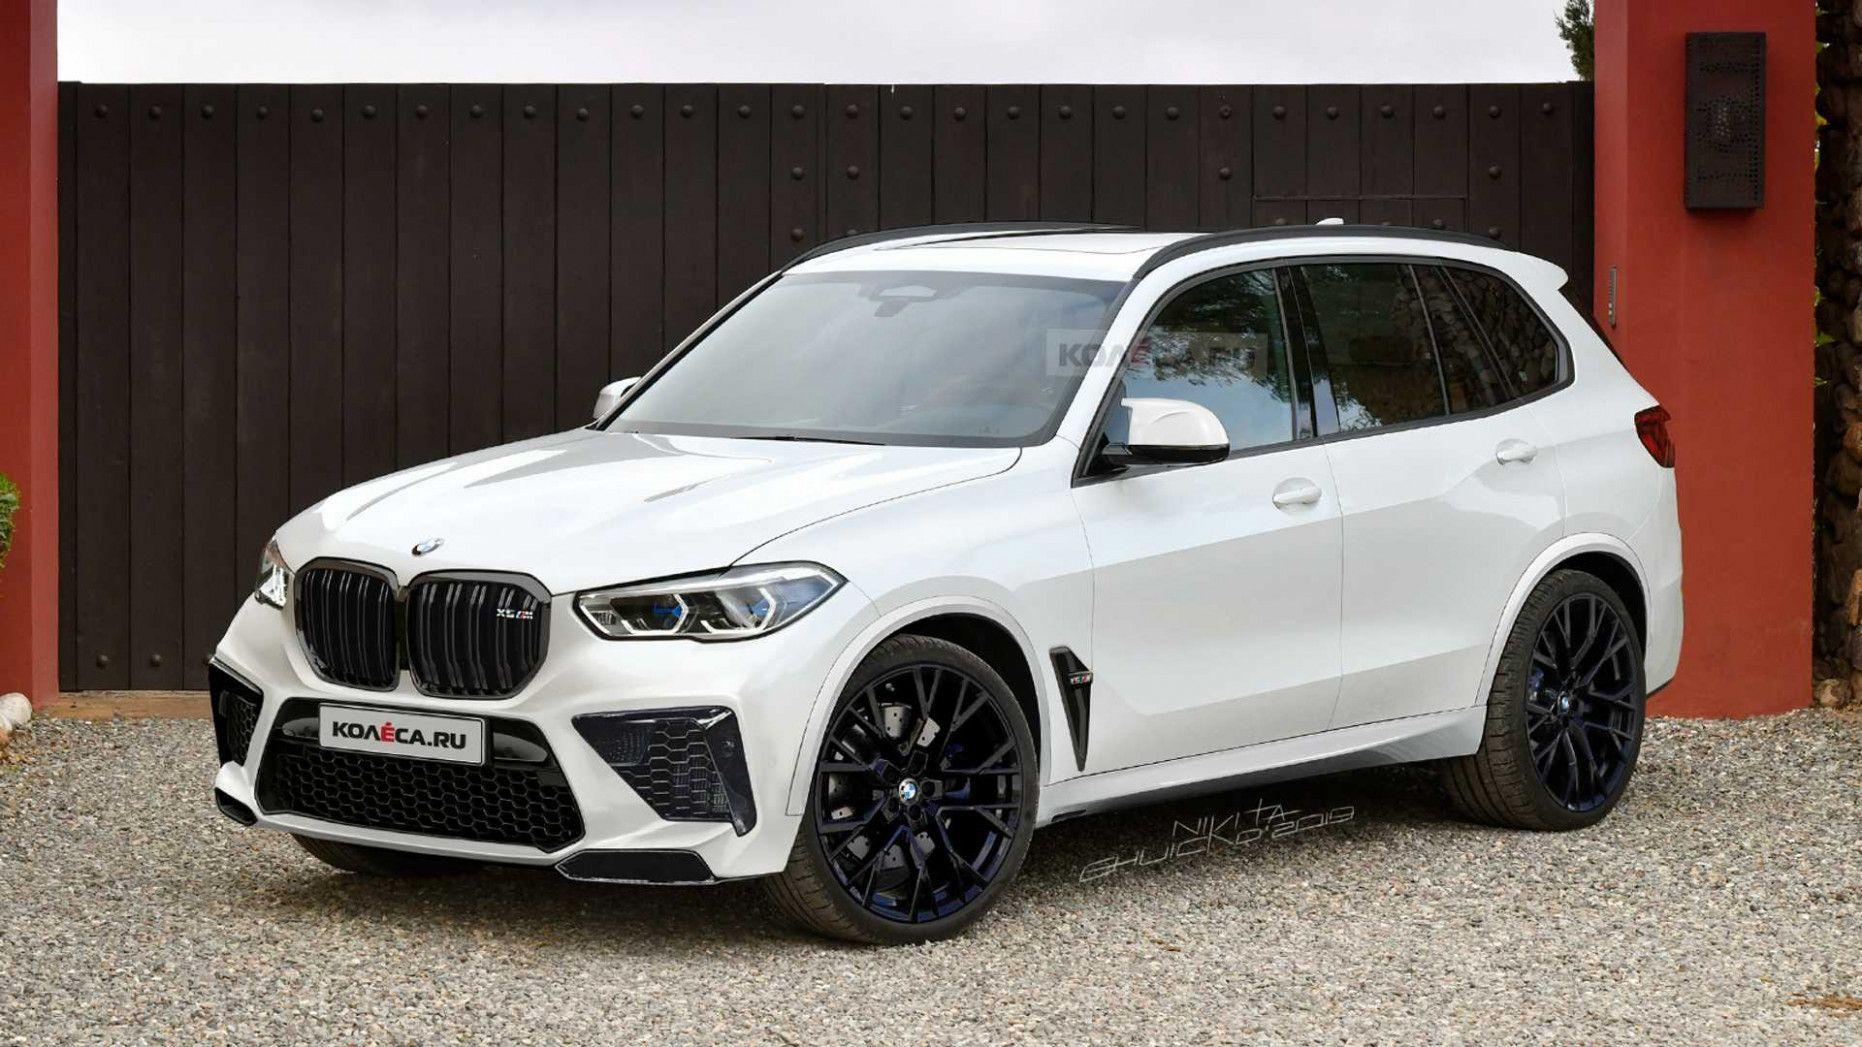 Next Gen BMW X5 Suv Prices